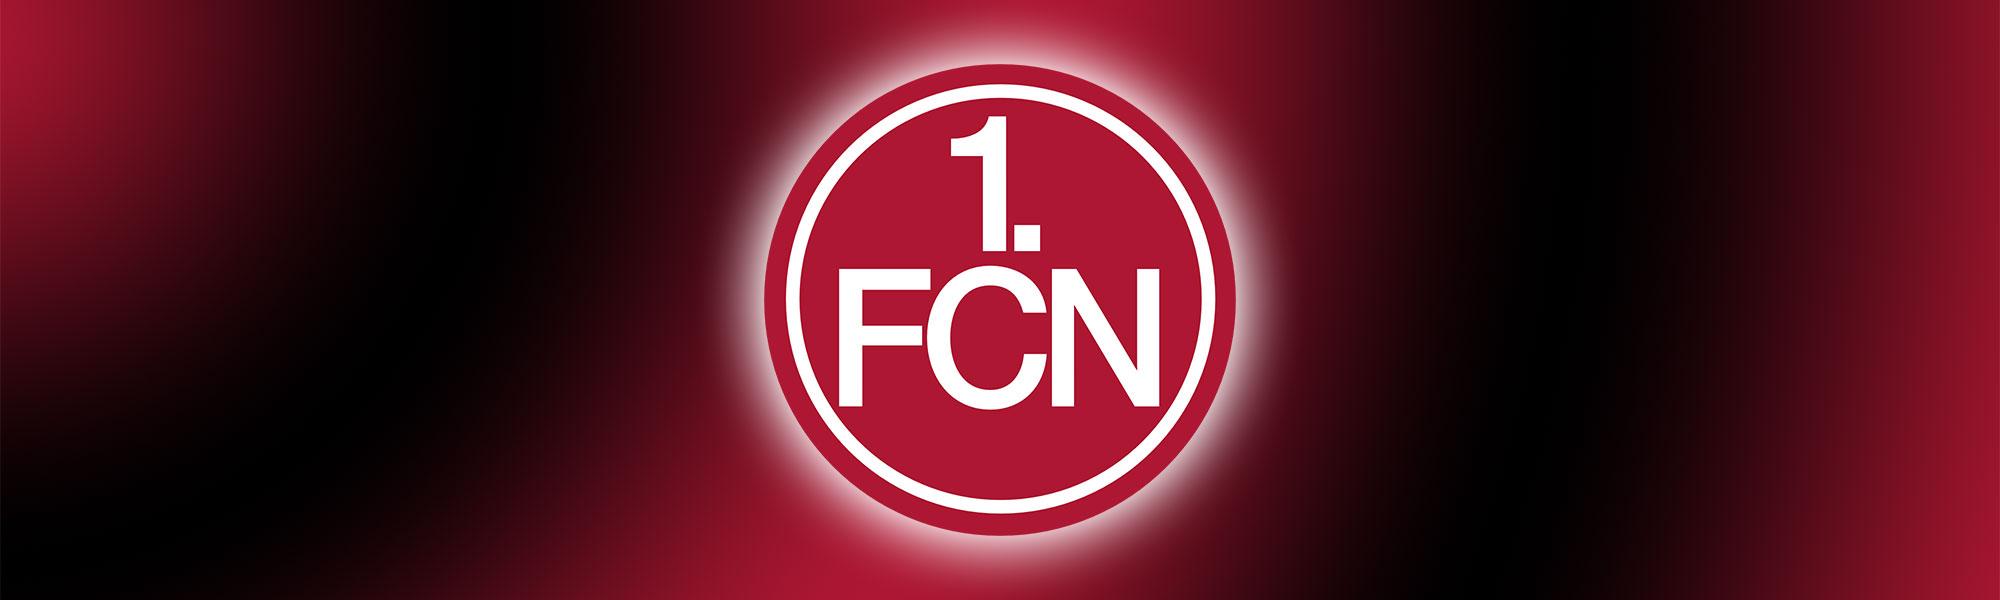 1 fc n